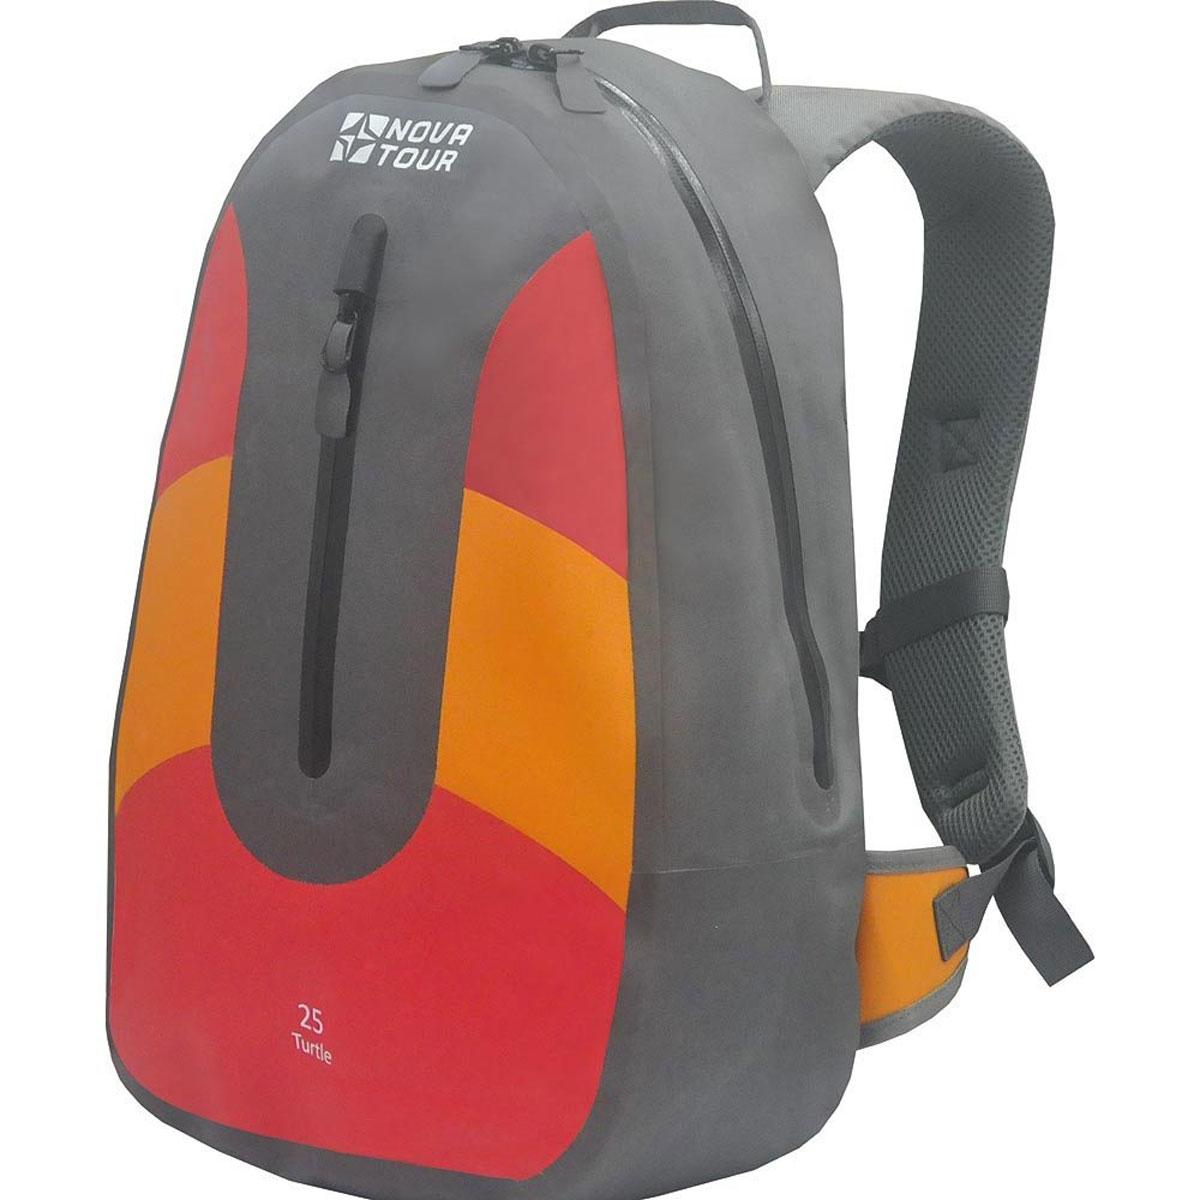 Рюкзак водонепроницаемый Nova Tour Черепаха 25, цвет: серый, красный, оранжевый. 95140-471-0095140-471-00Специально для динамичных людей создан этот яркий и стильный рюкзак. В нем помещается все, что нужно взять с собой в спортзал или бассейн, покататься с друзьями на роликах, съездить на природу на велосипеде или просто весело провести время после учебы.Объем: 25 литров.